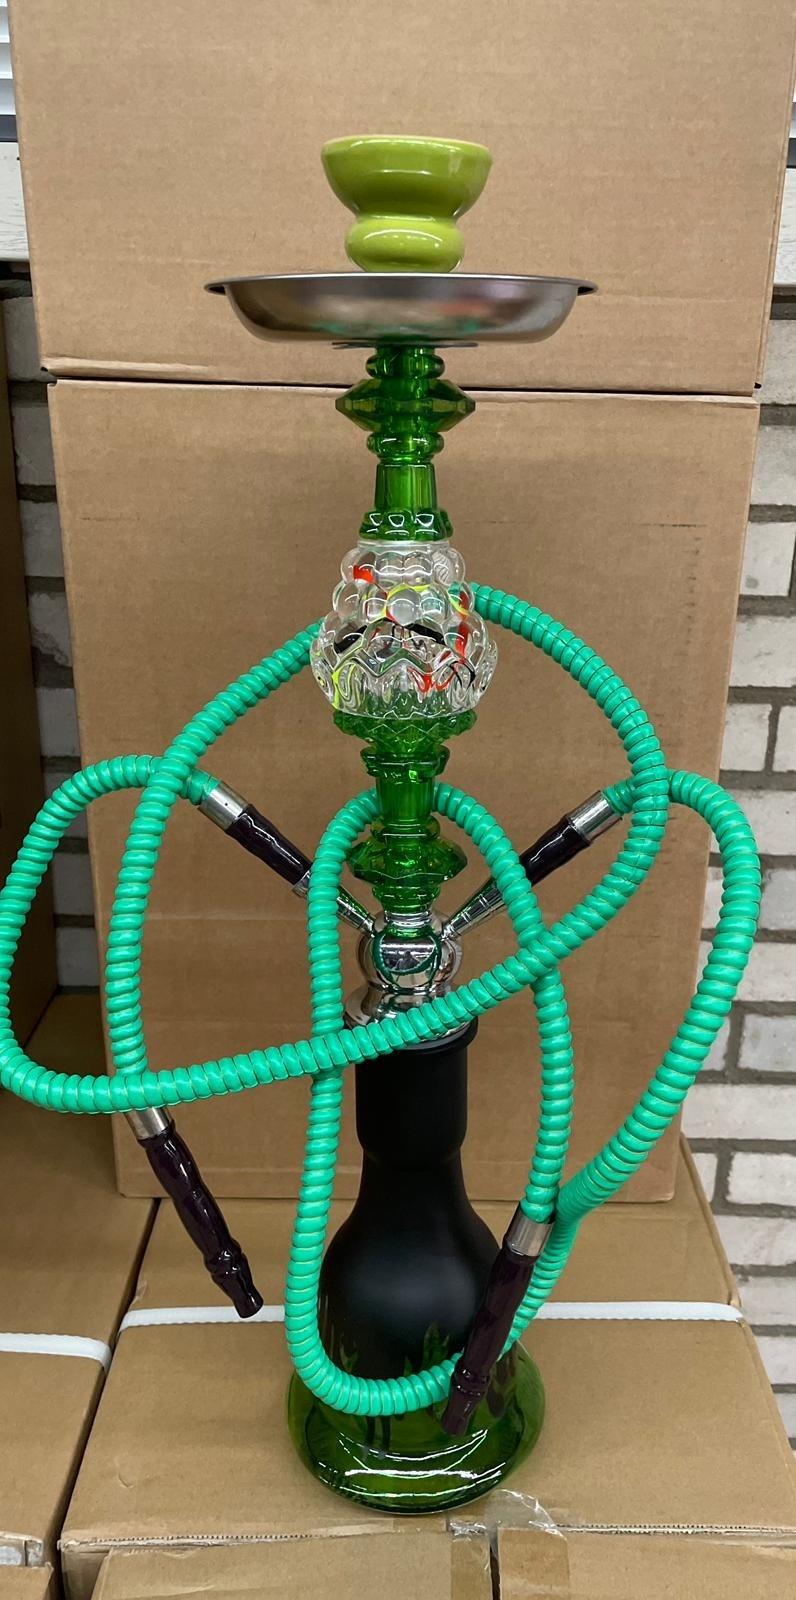 Waterpijp starterspakket Flame Deluxe 55cm in diverse kleuren!